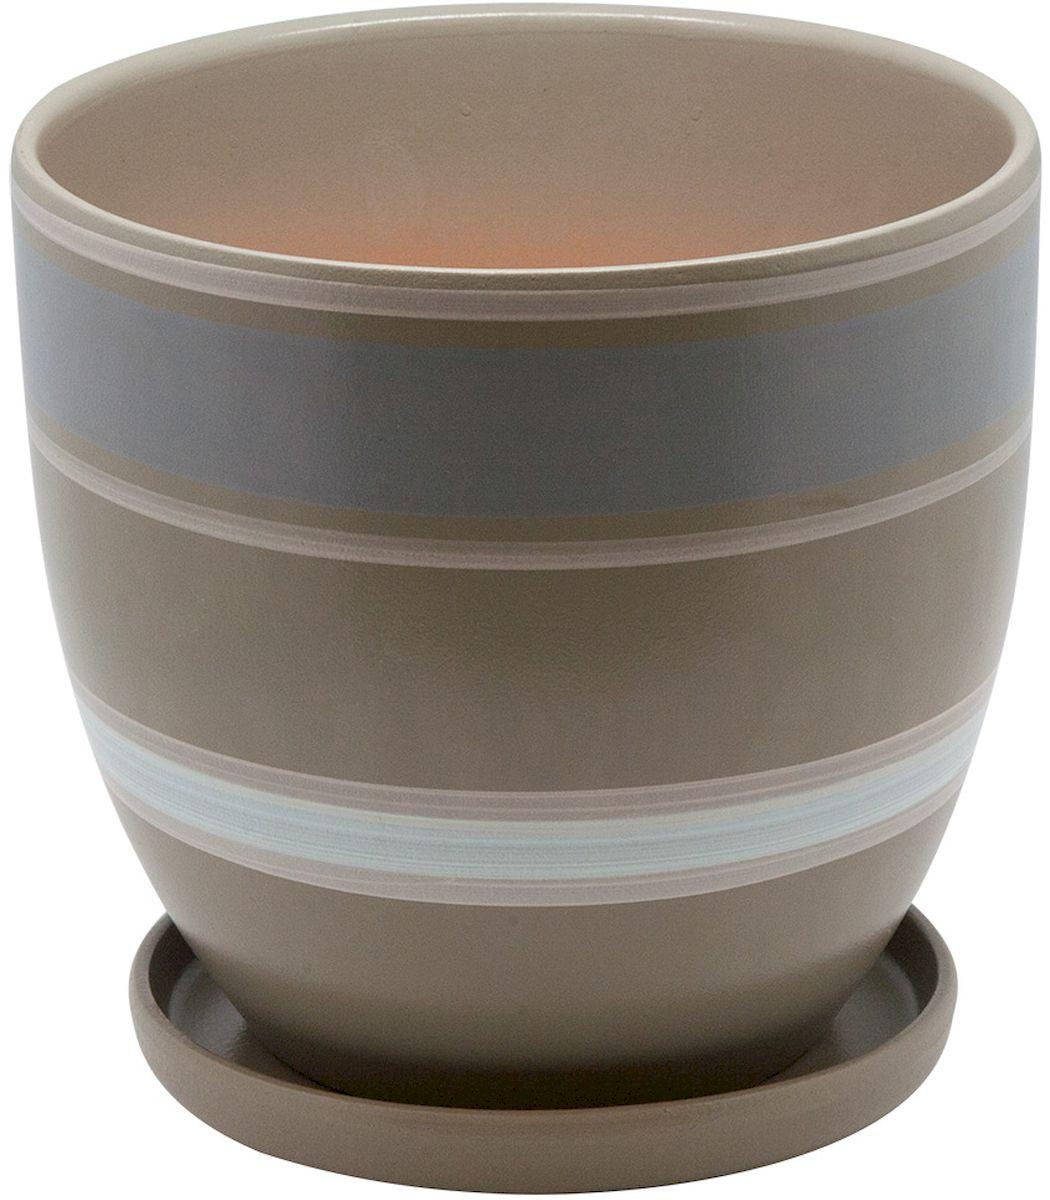 Горшок цветочный Engard, с поддоном, цвет: серый, белый, 4,7 лBH-18-3Керамический горшок Engard - это идеальное решение для выращивания комнатных растений и создания изысканности в интерьере. Керамический горшок сделан из высококачественной глины в классической форме и оригинальном дизайне.Объем: 4,7 л.